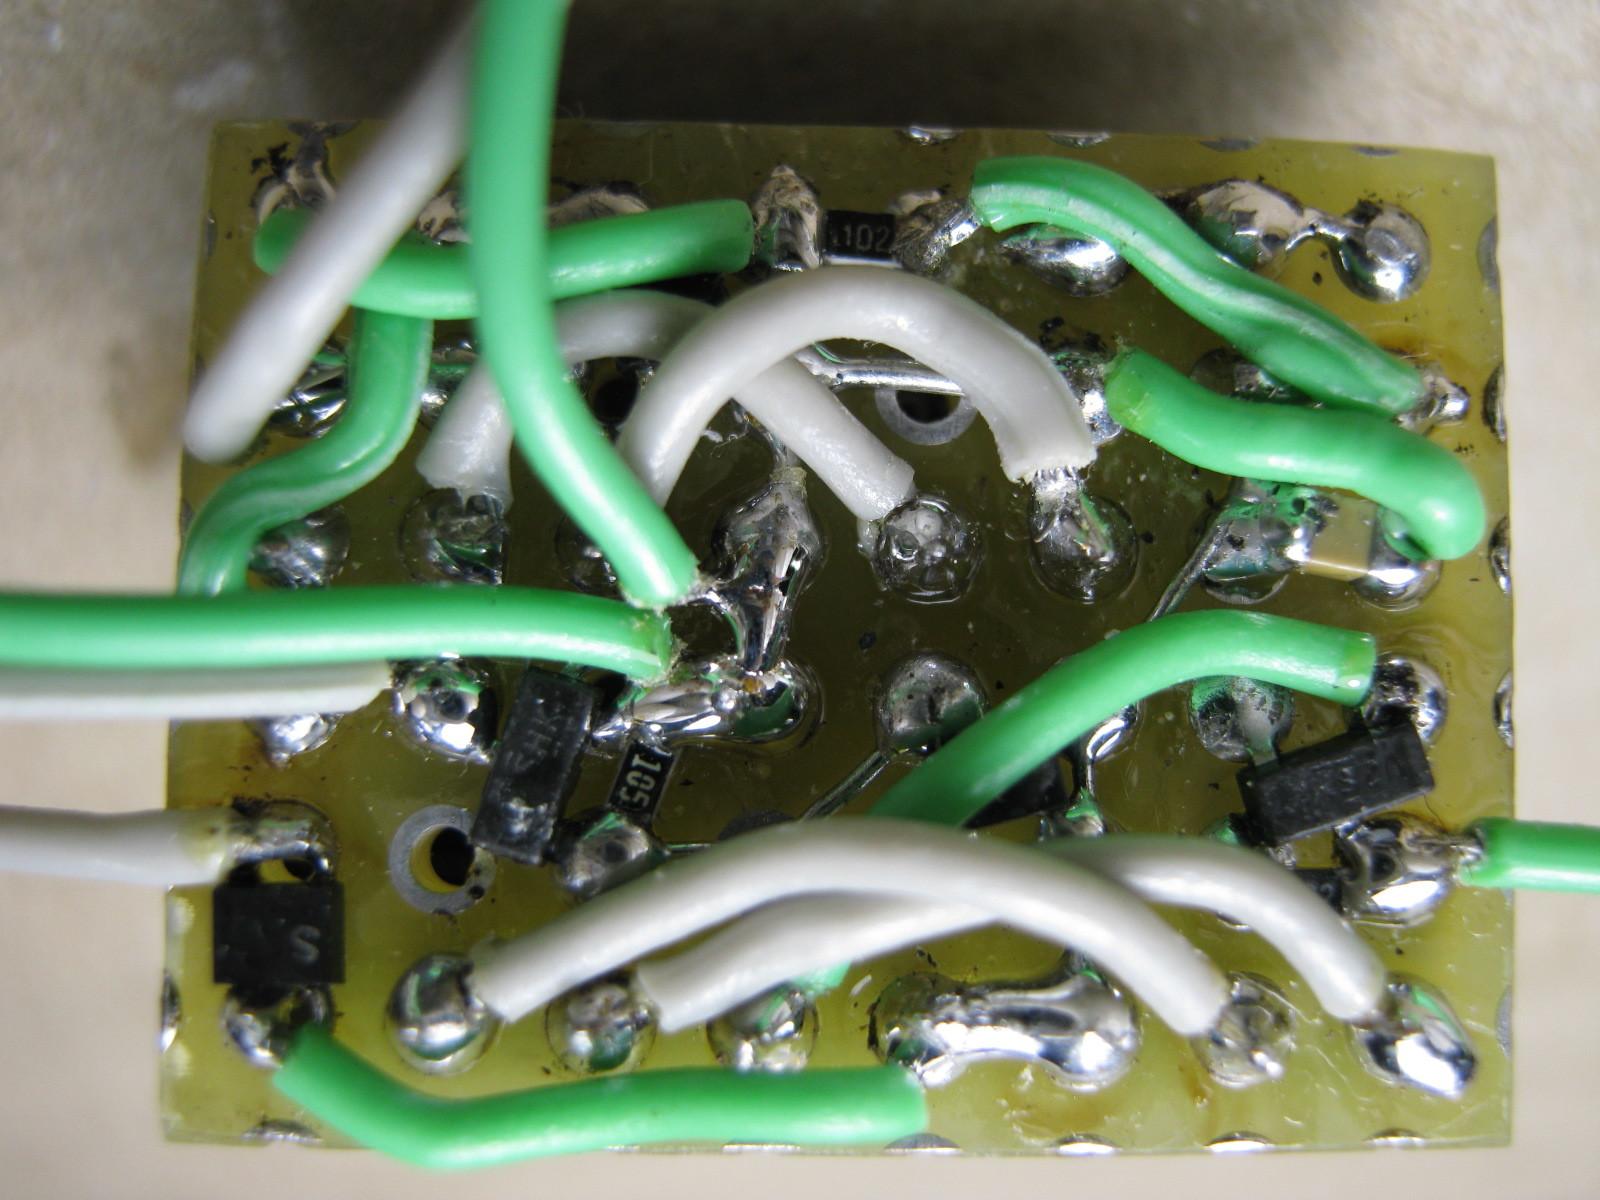 ミミクリーペット4(ボイスレコーダー・チェンジャー換装)基板4